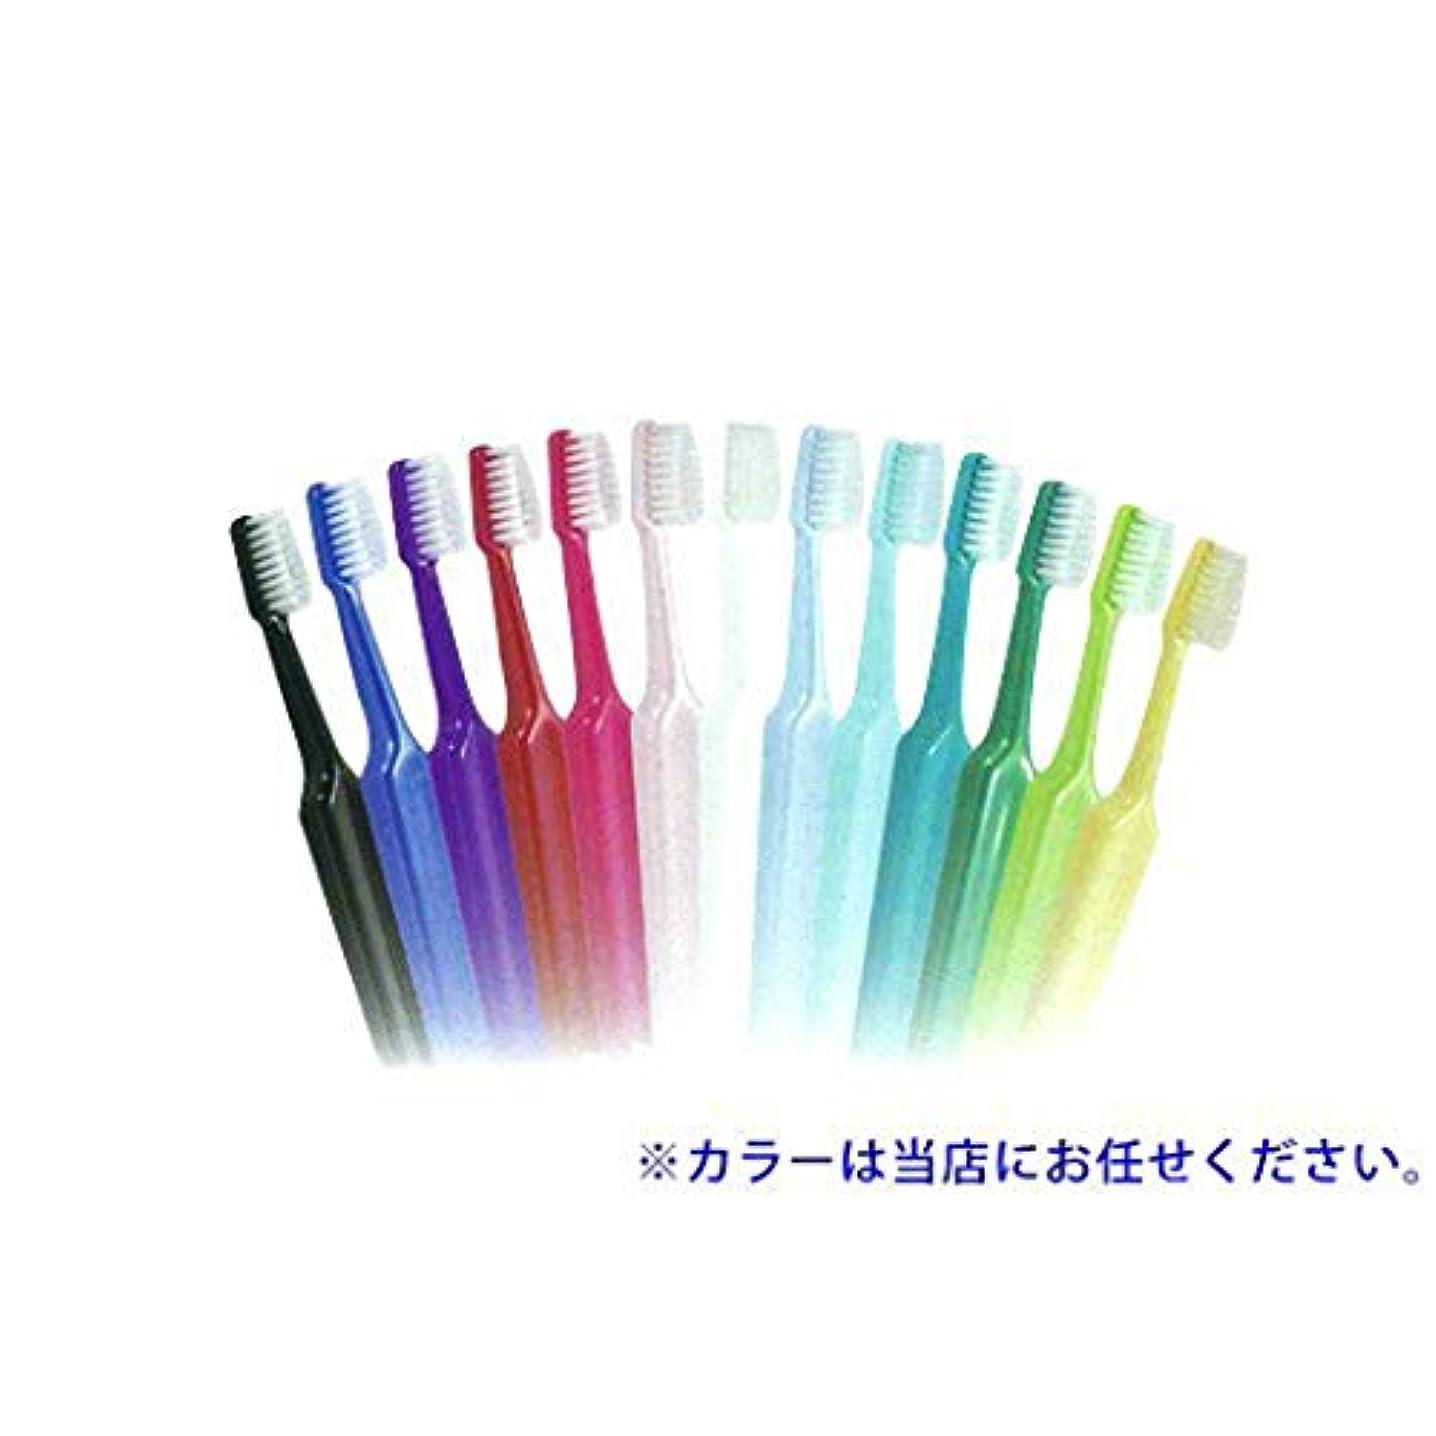 飾るダルセットセットするクロスフィールド TePe テペ セレクミニ 歯ブラシ 3本 (エクストラソフト)